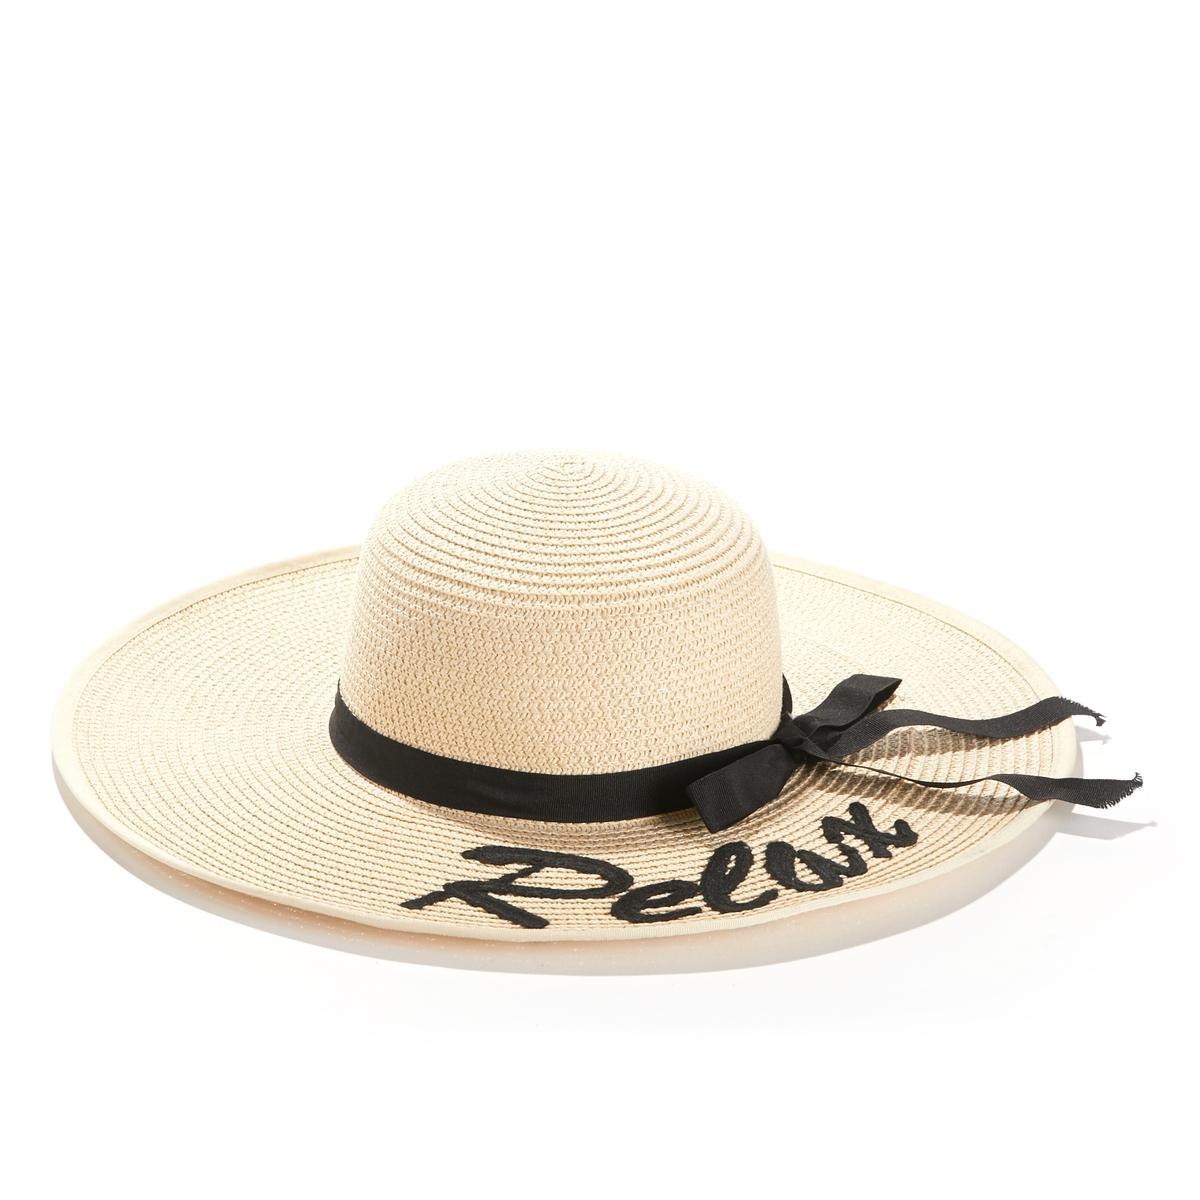 Шляпа из соломы с принтом-надписью, RelaxОписание:Шляпа всегда в моде . Выберите эту оригинальную шляпу с текстовой надписью сверху и наслаждайтесь вашим образом ! Состав и описание : •  Материал : искусственная солома  • Единый размер : Окружность головы 56 см<br><br>Цвет: желтый